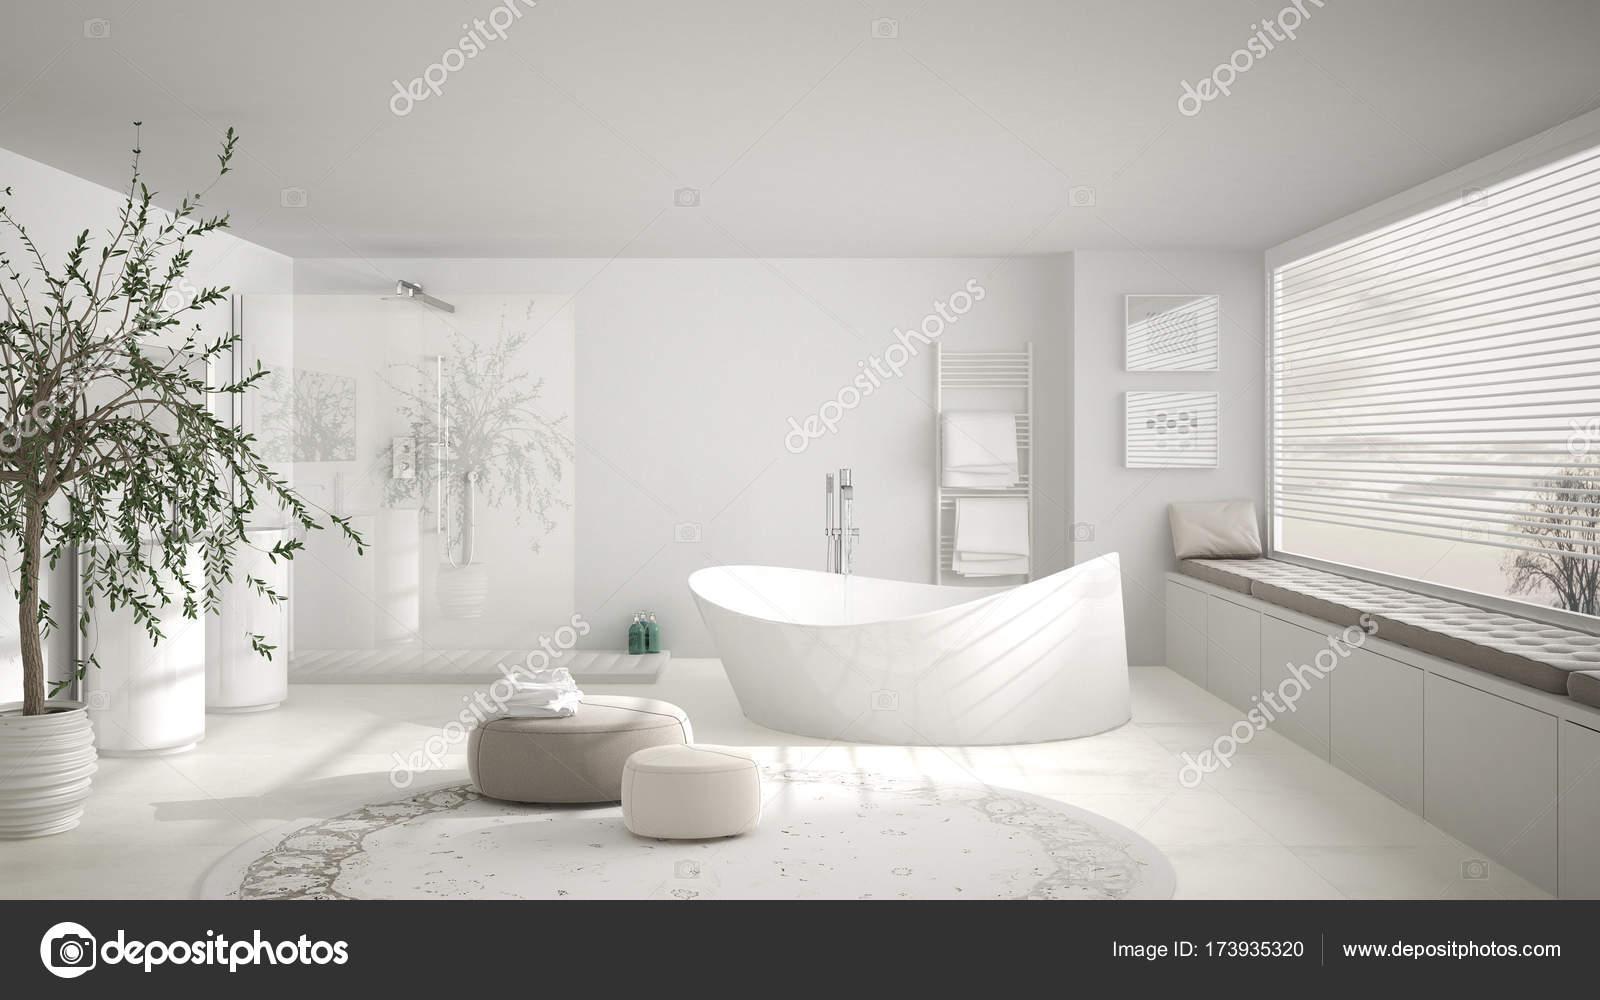 salle de bain classique moderne avec gros tapis rond grand panoramique w photo - Salle De Bain Classique